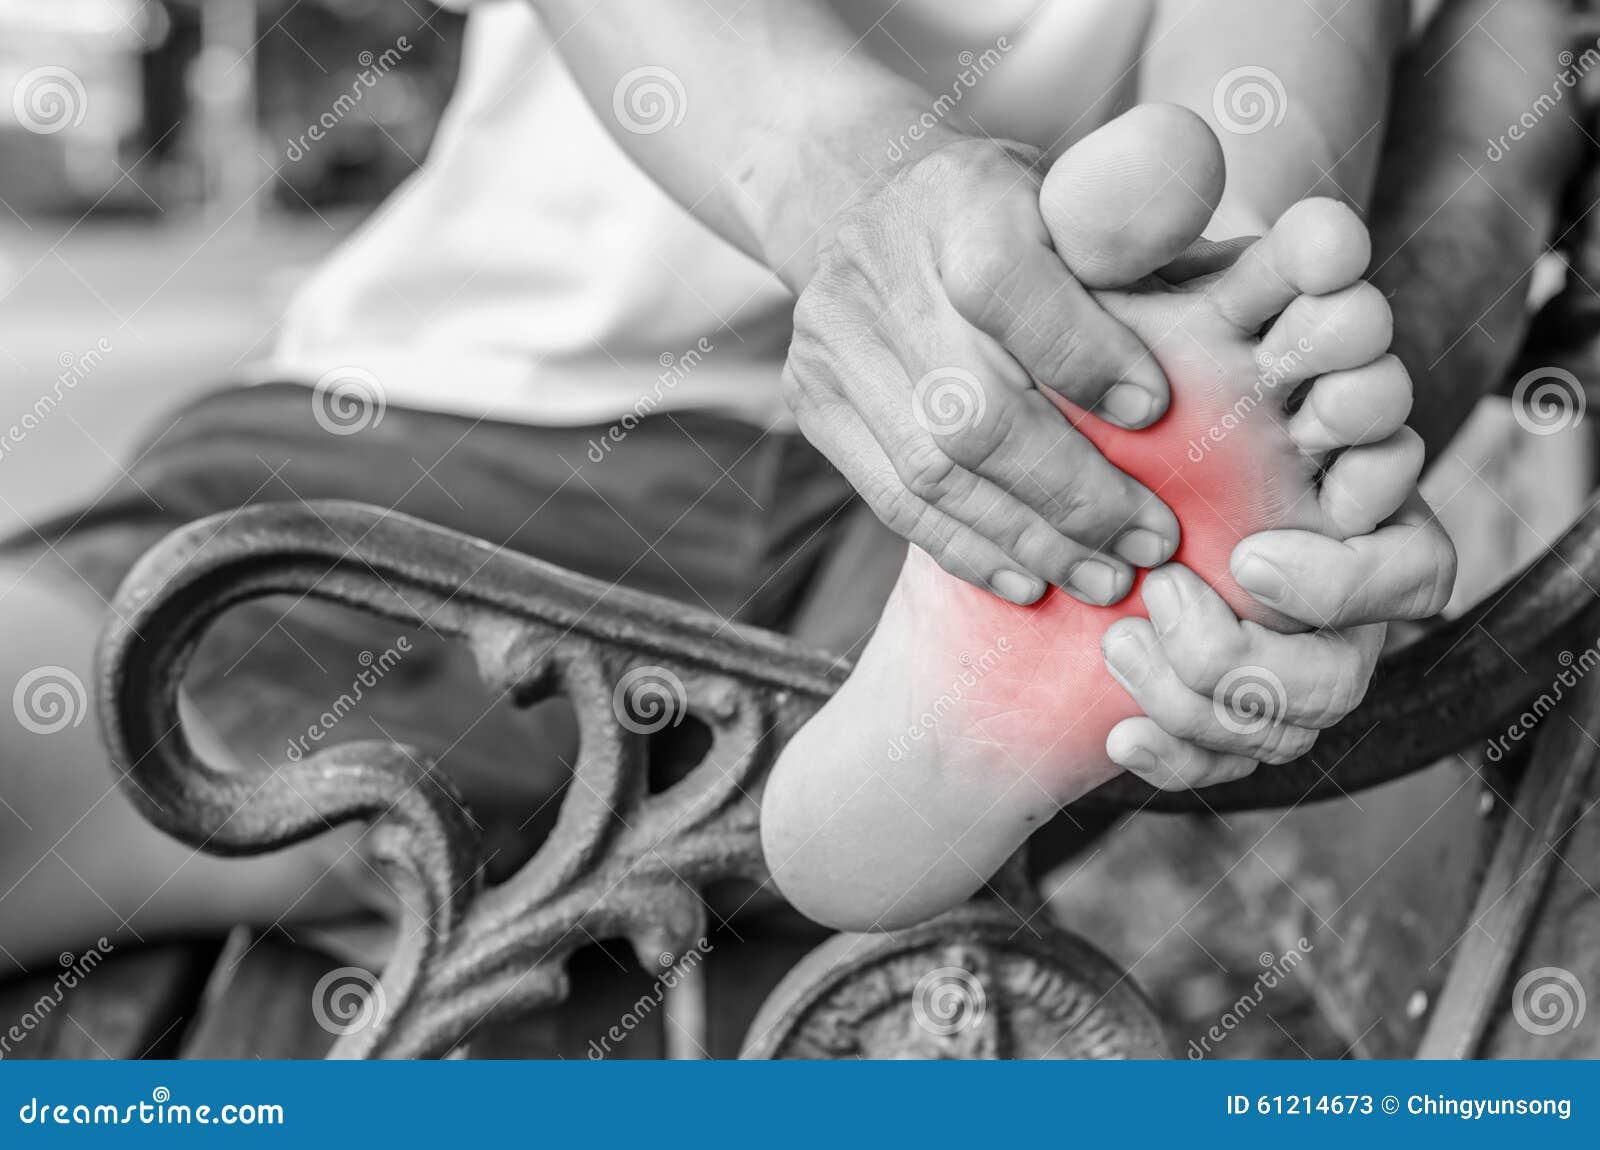 foot gay massage hobart